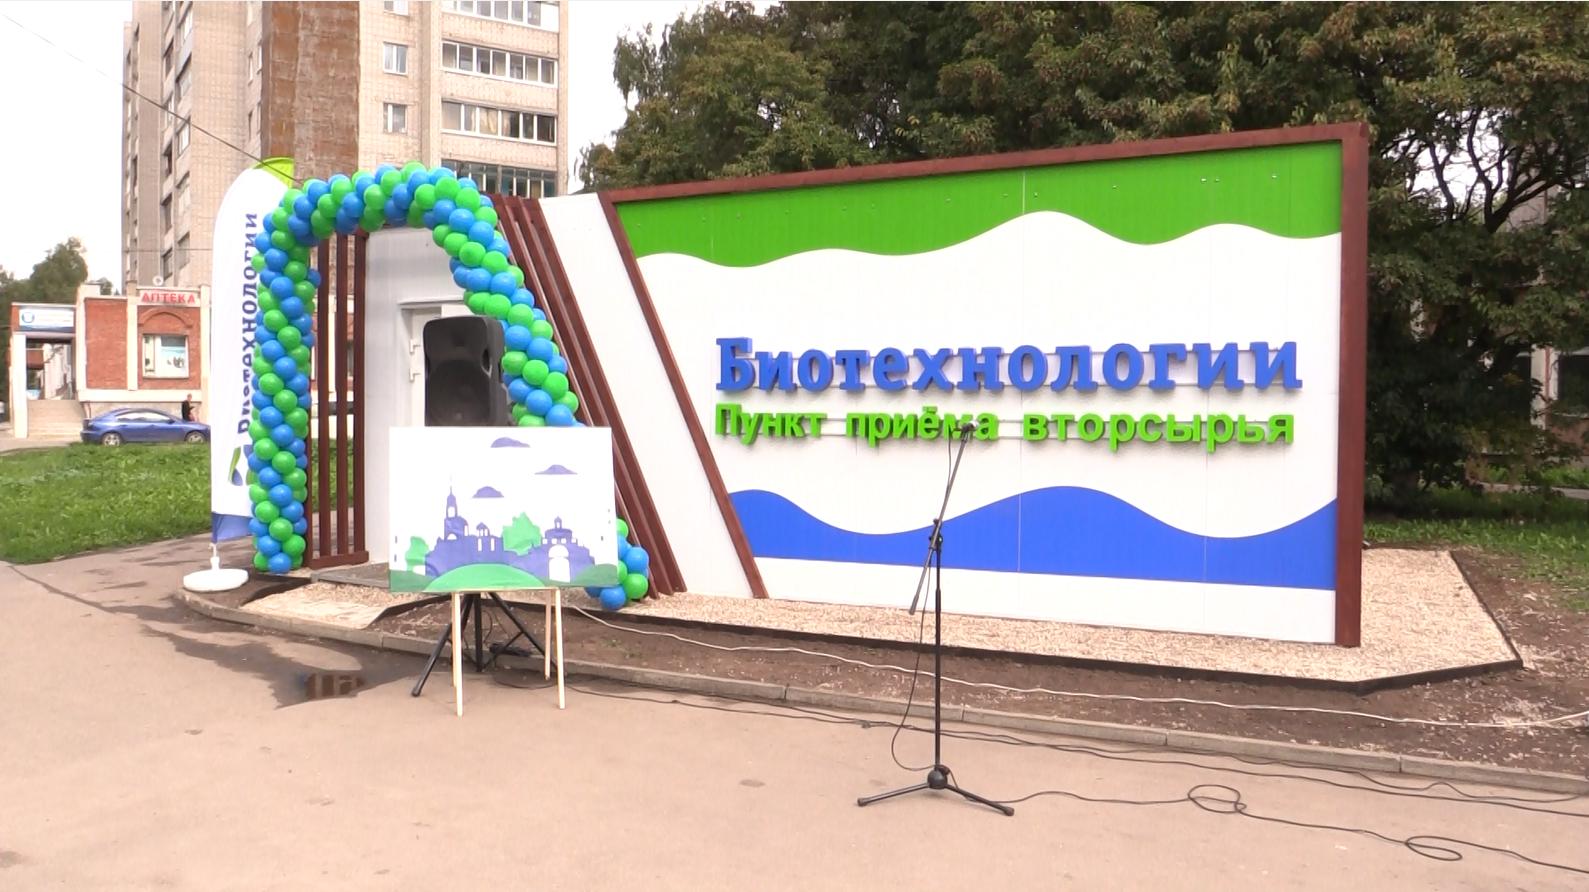 Во Владимире открылся первый экопункт по приёму вторсырья